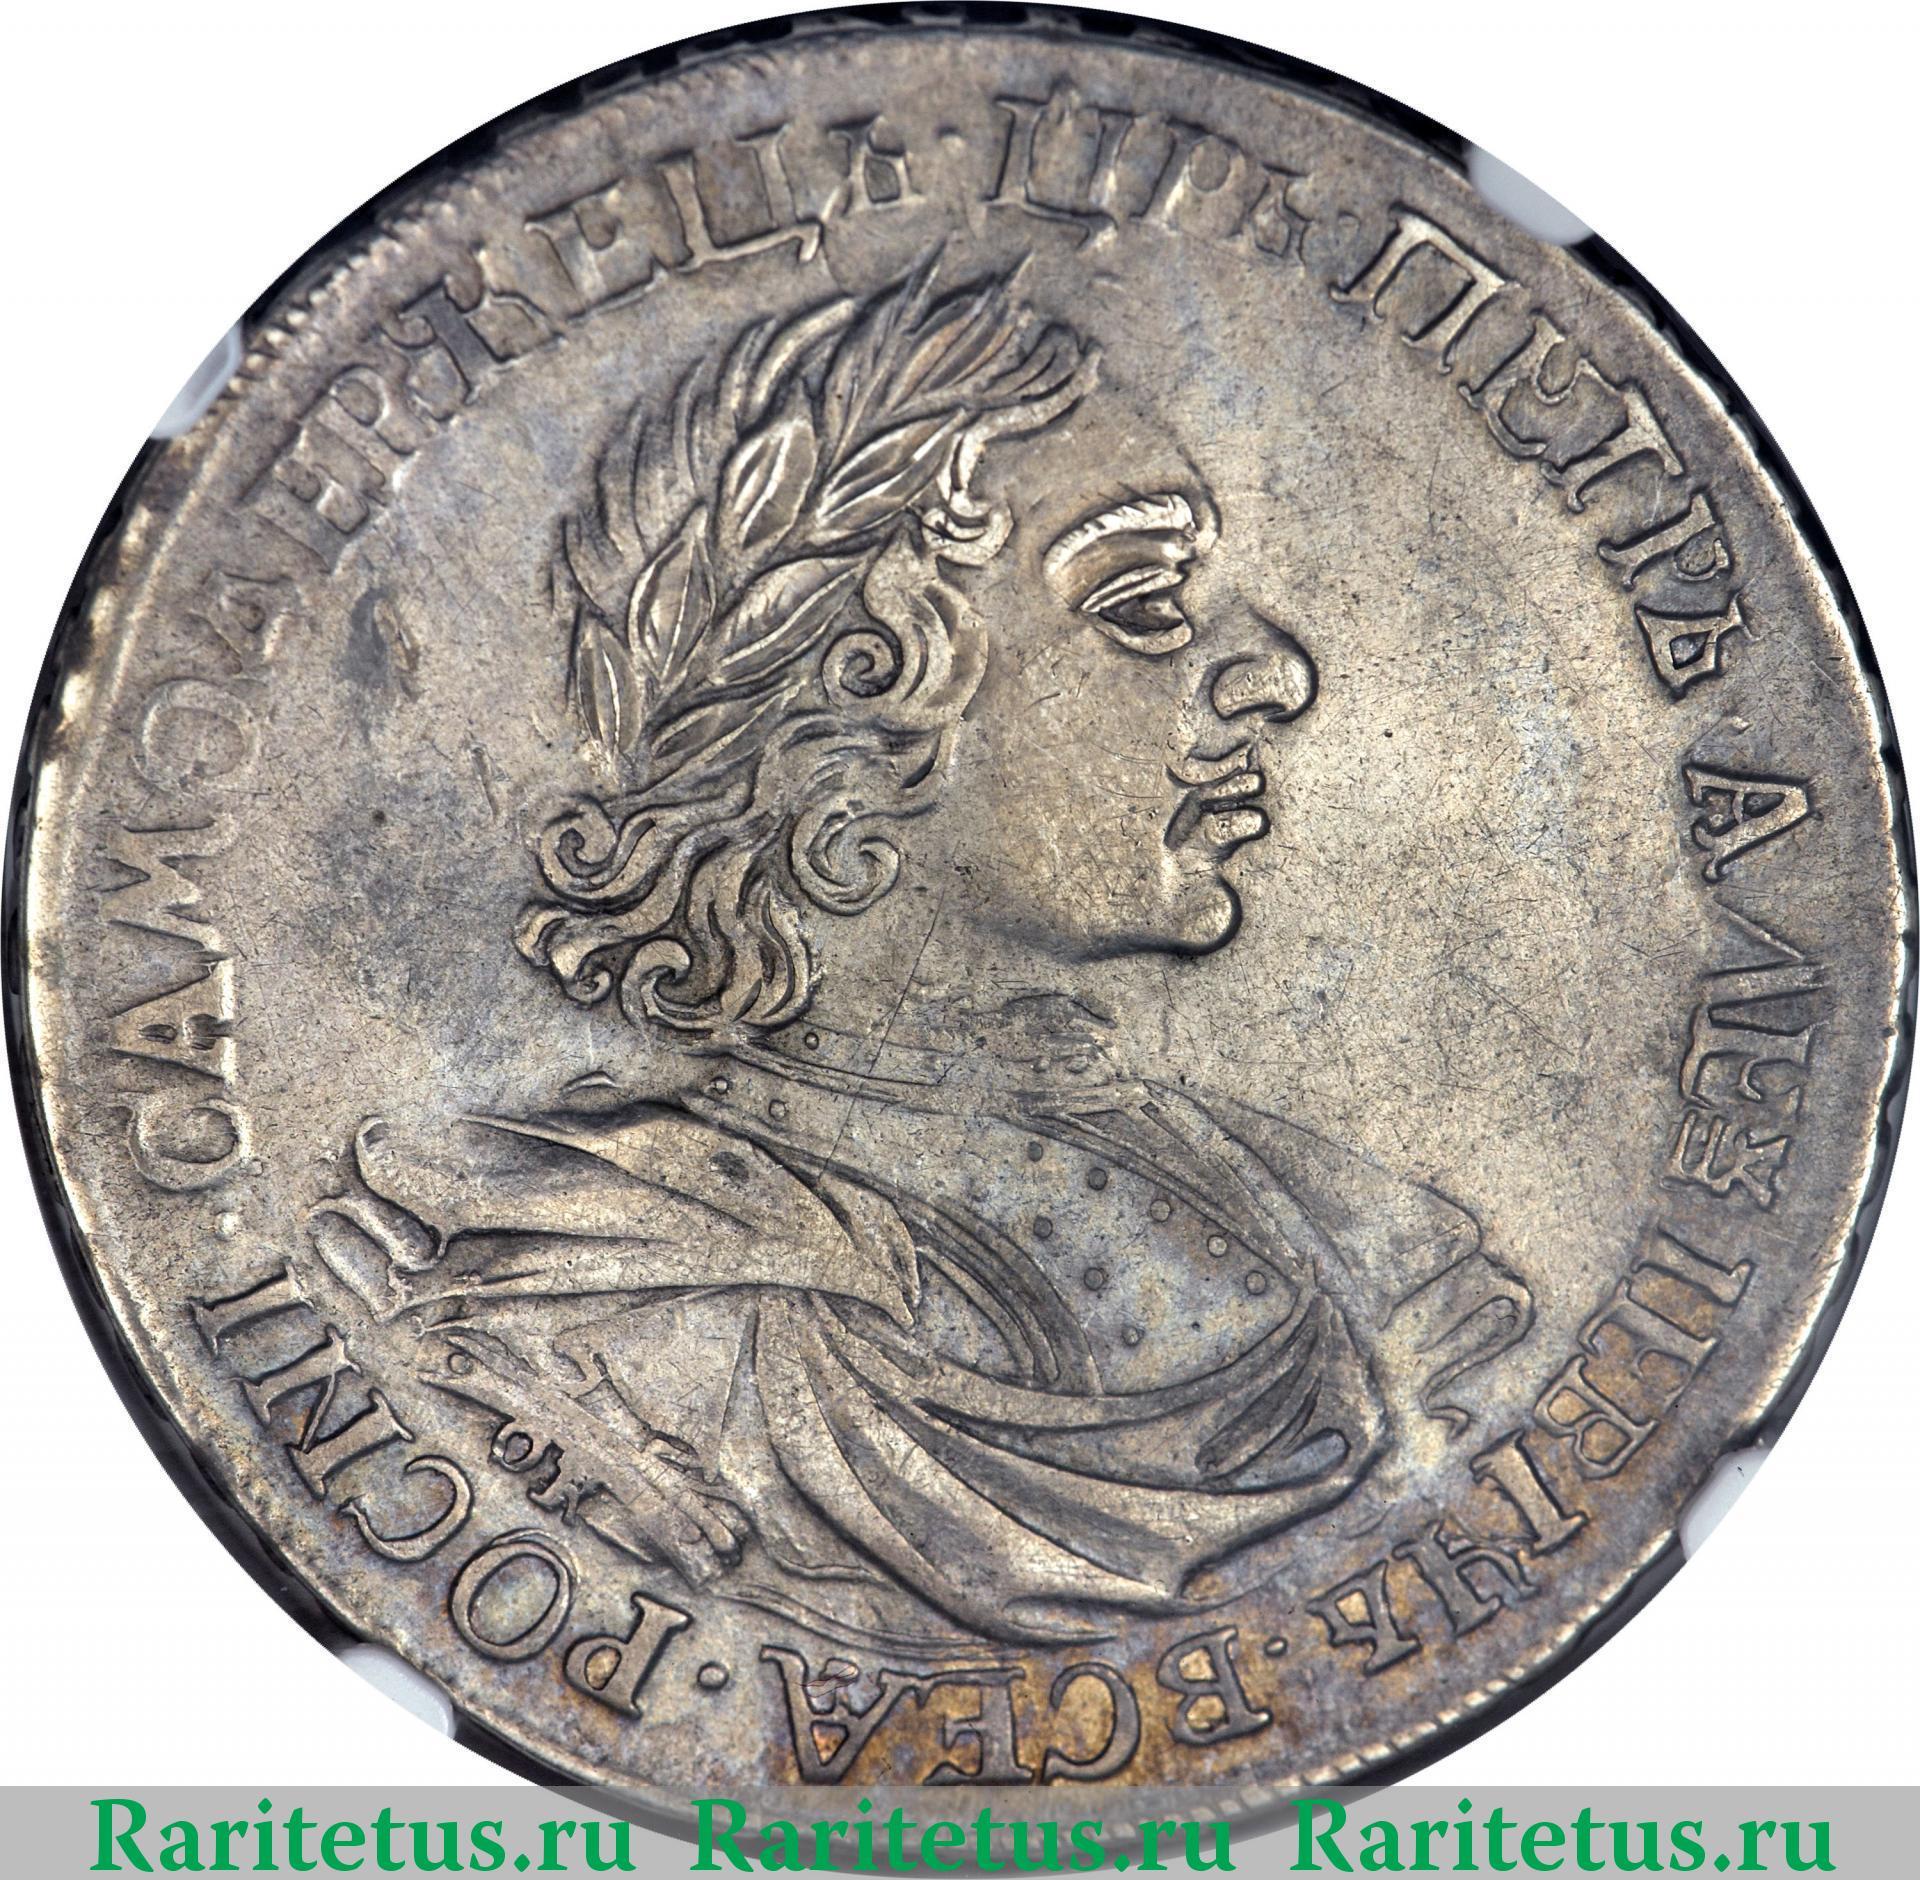 1 рубль 1719 года цена сколько стоит гривна евро 2012